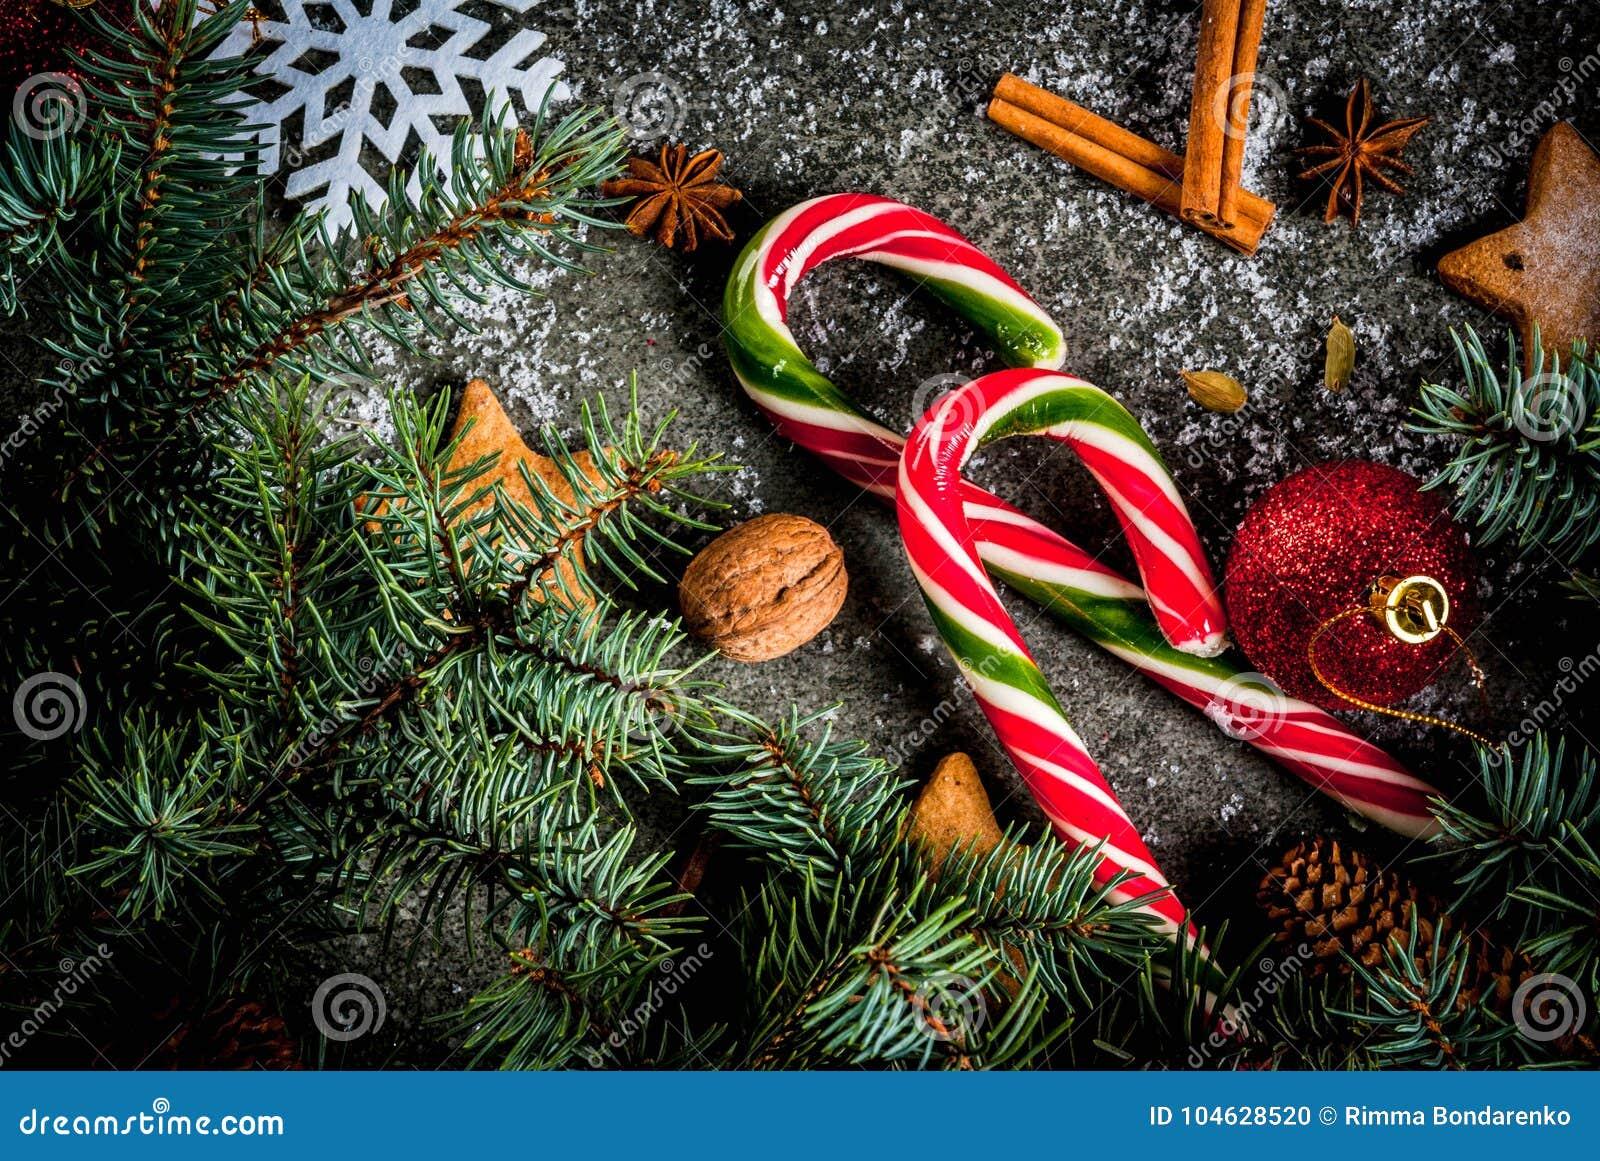 Download Kerstmis Donkere Achtergrond Stock Foto - Afbeelding bestaande uit feestelijk, zwart: 104628520